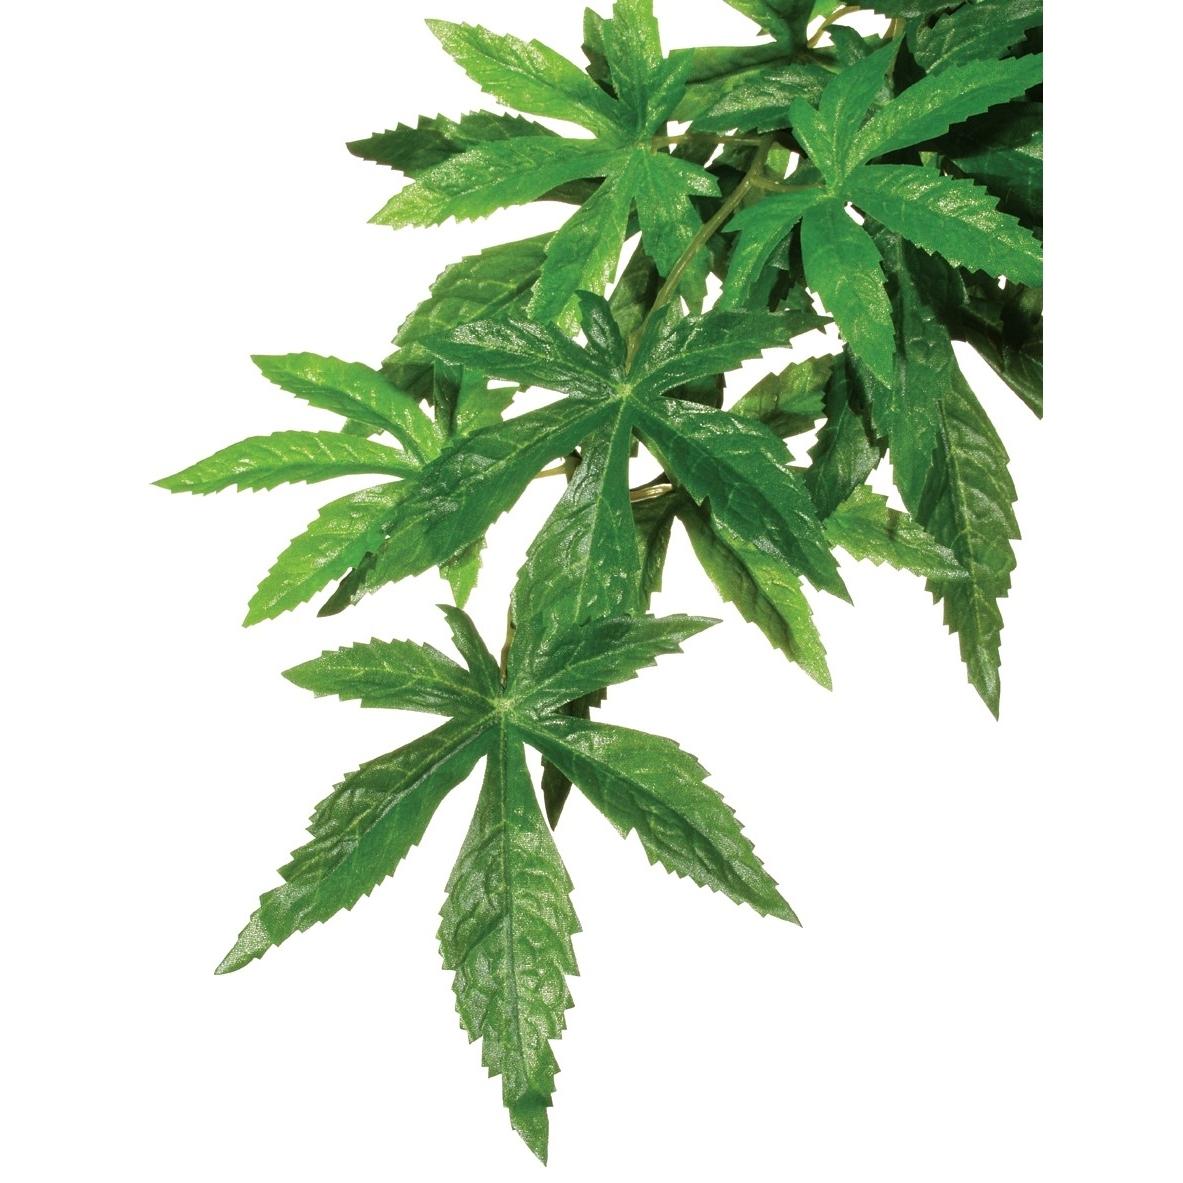 Hagen Exo Terra - hängende Pflanzen, Abutilon klein - 15,0 x 32,0 x 4,0 cm